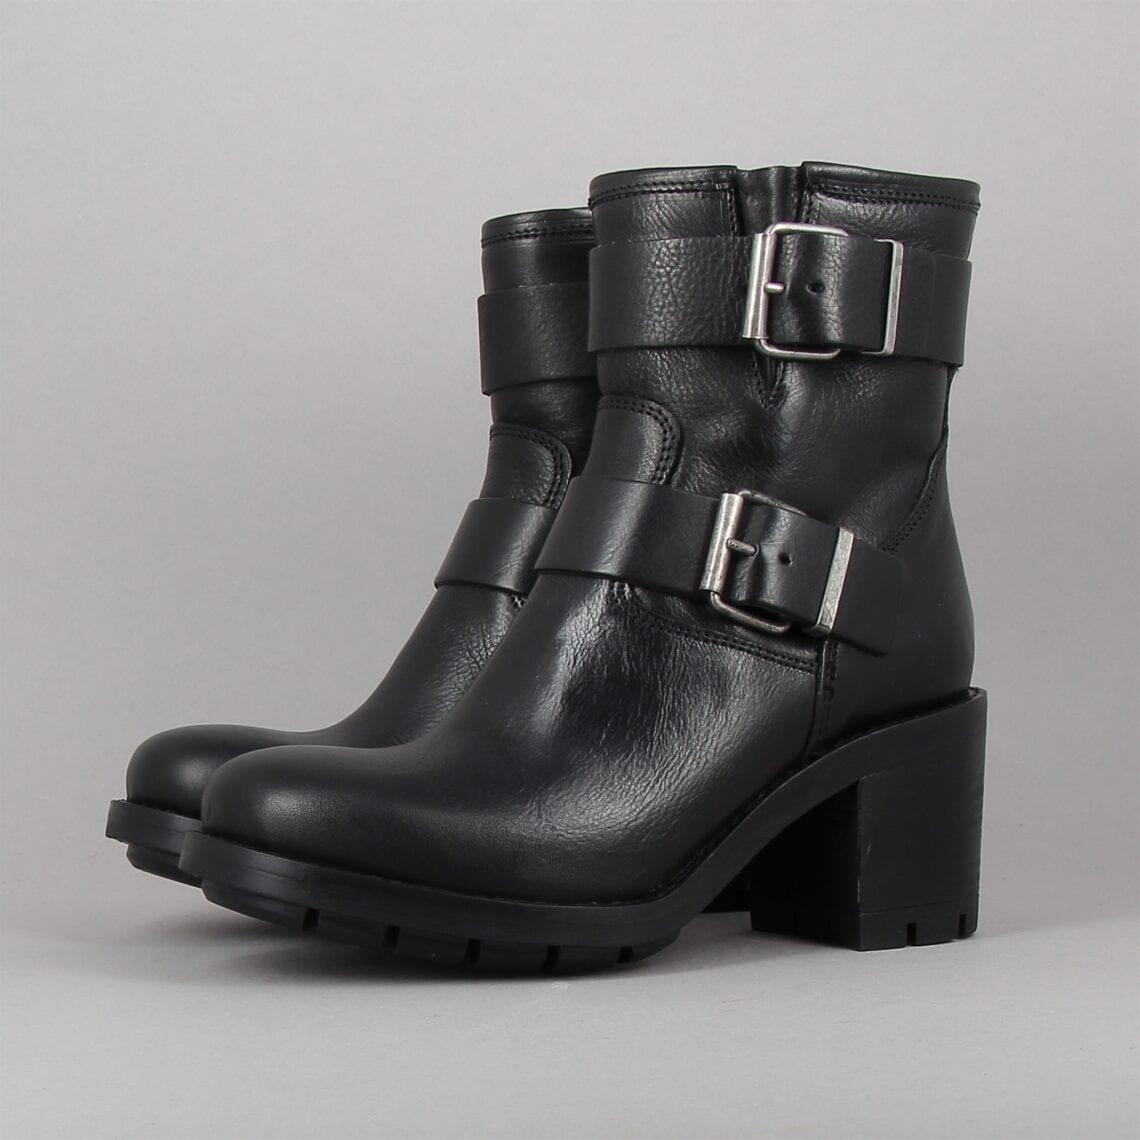 Boots paoyama kulty 1920 ⋆